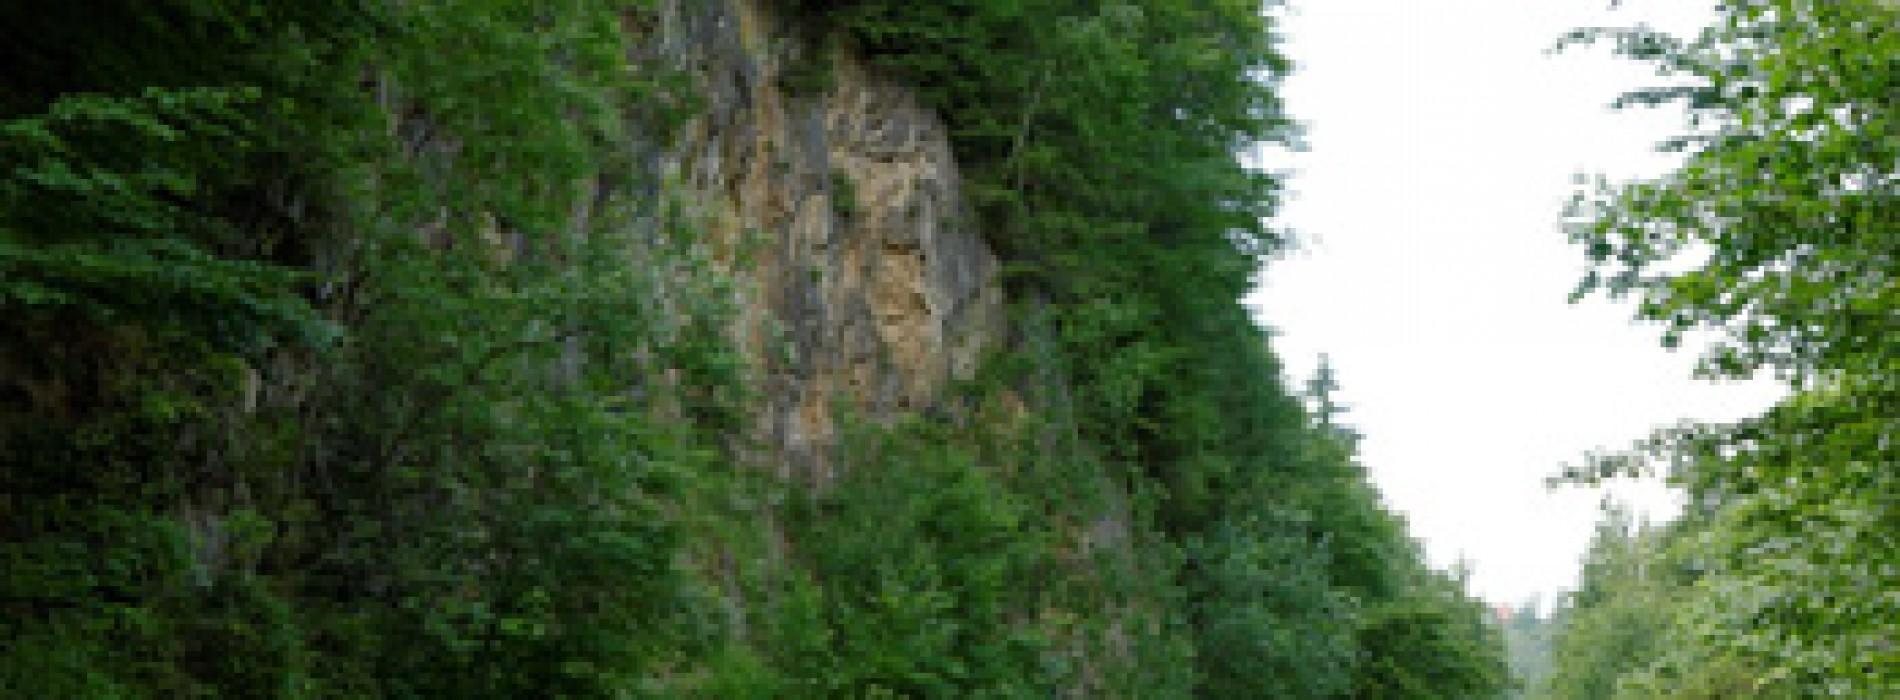 Transrarău – Drumul comorilor, redeschis după 10 ani